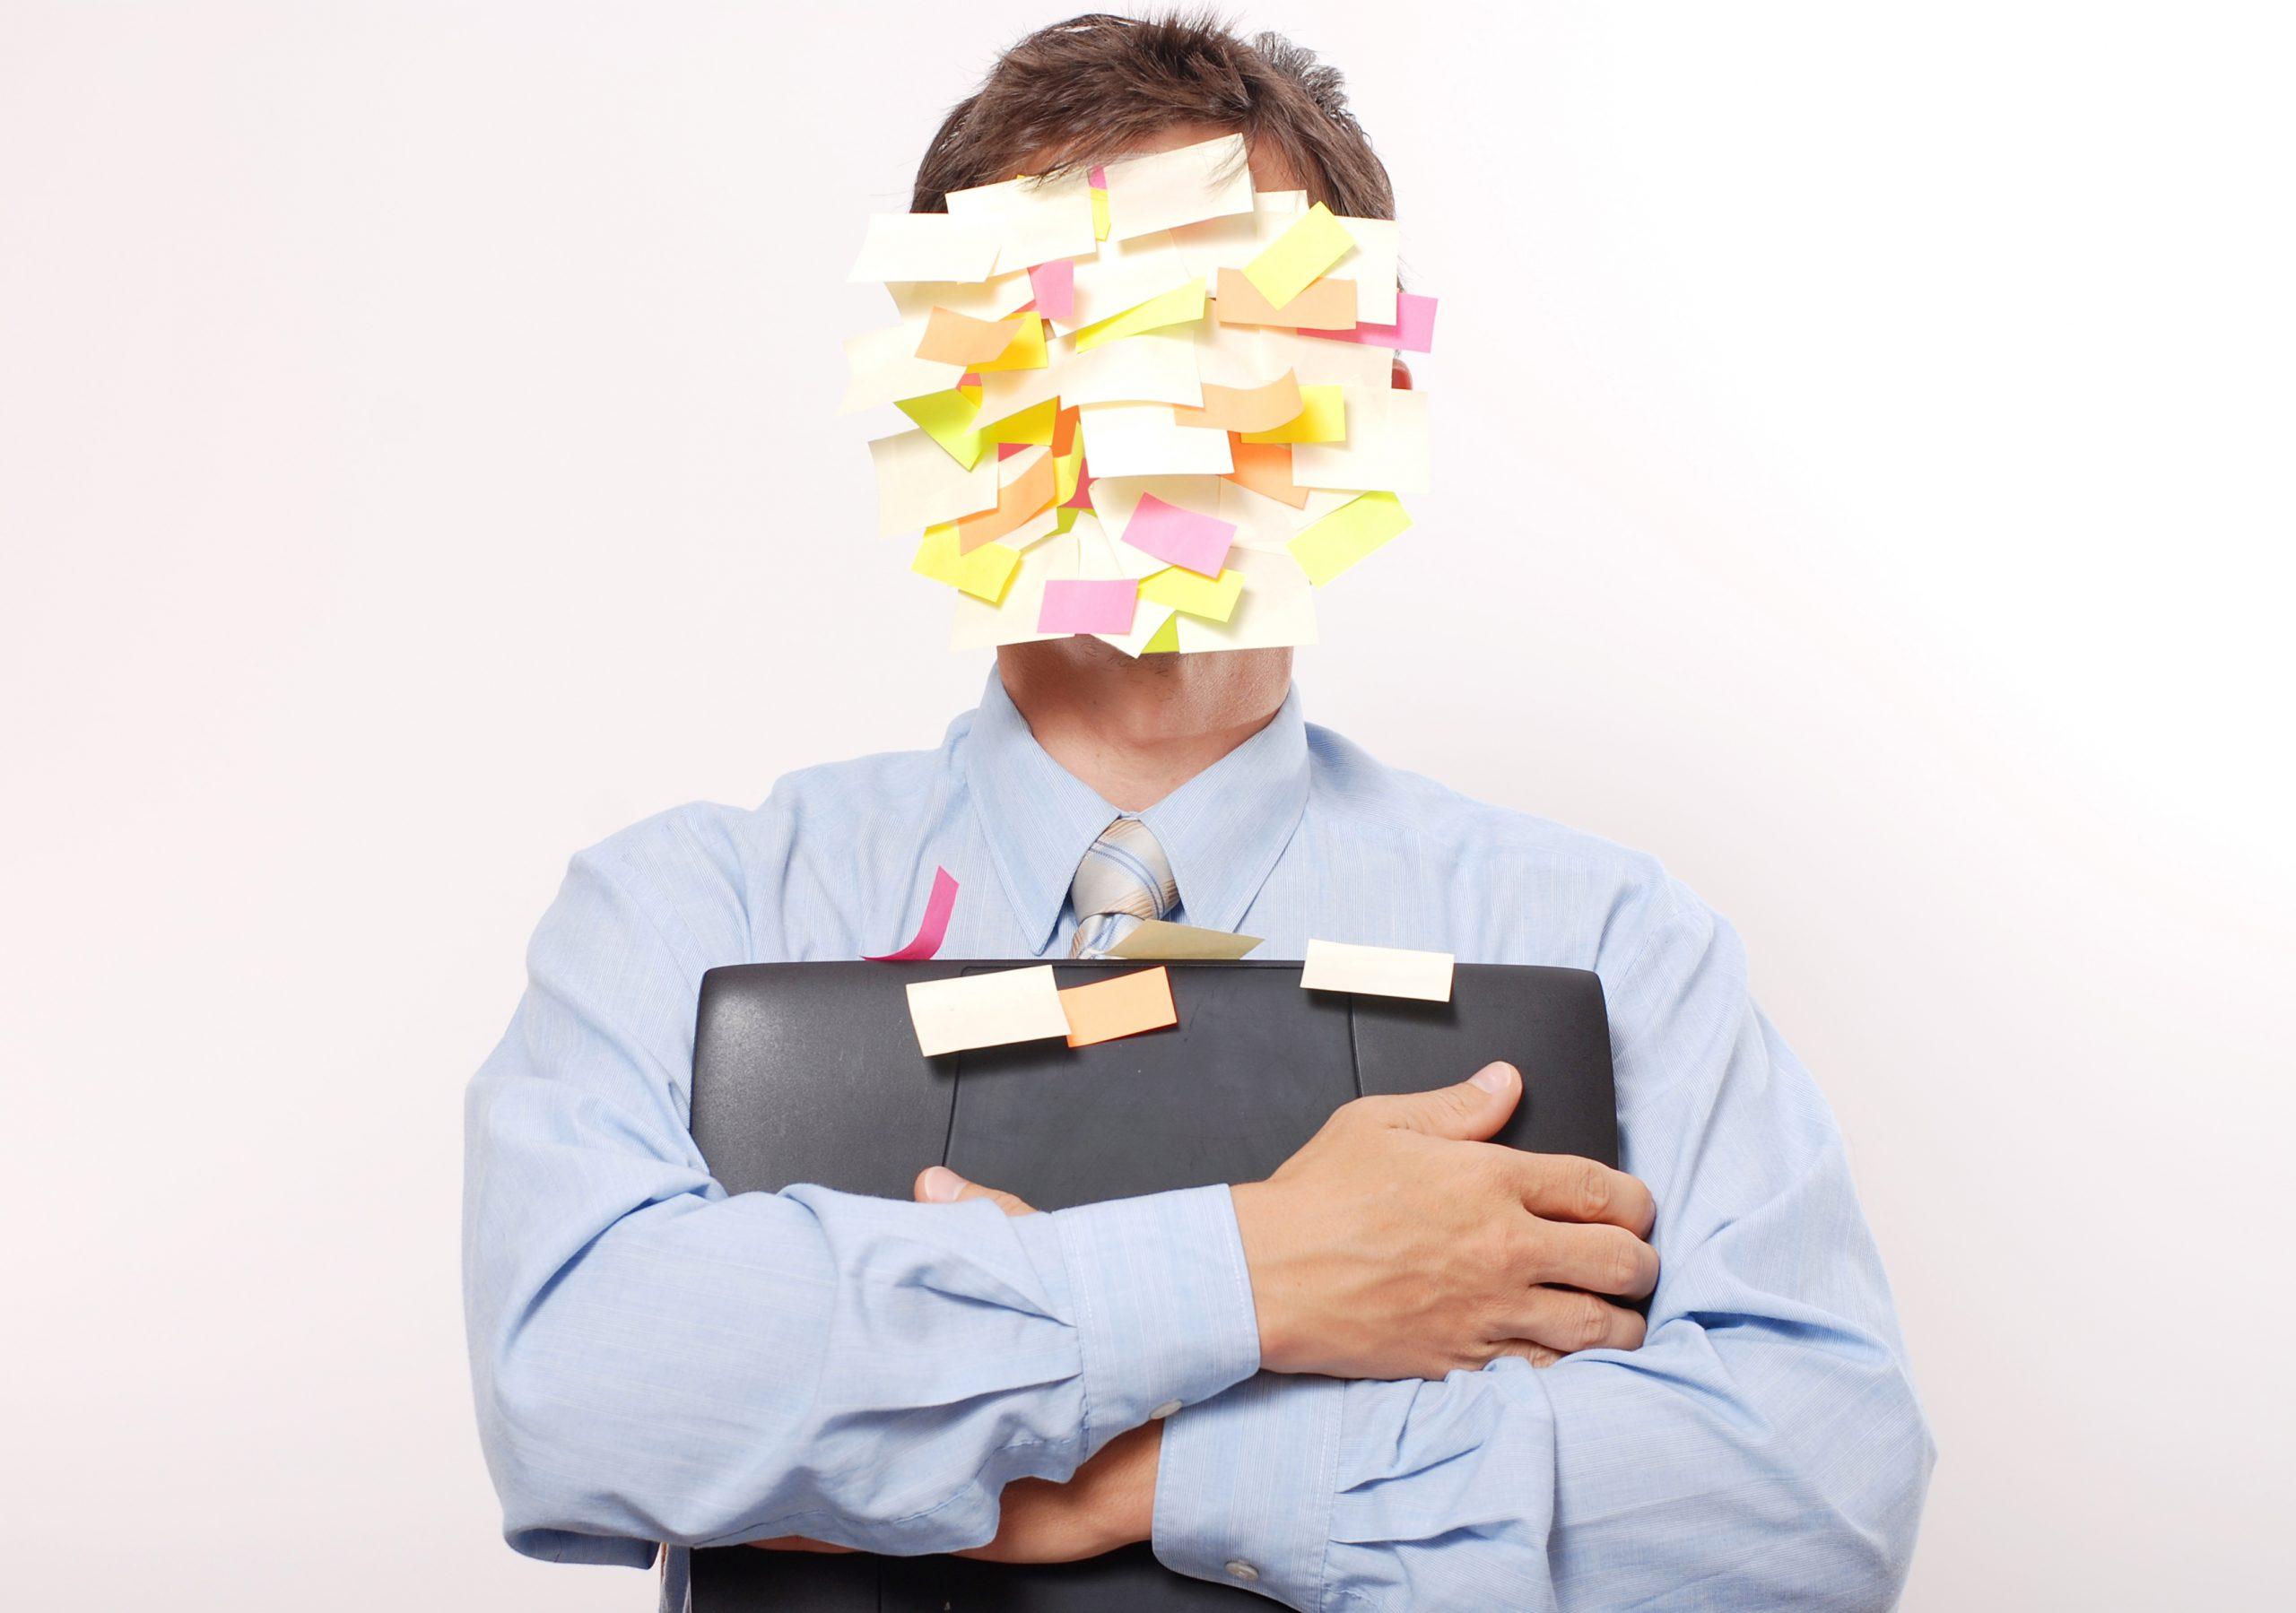 Hokjes-denken 2.0 – De kleur doet er niet toe